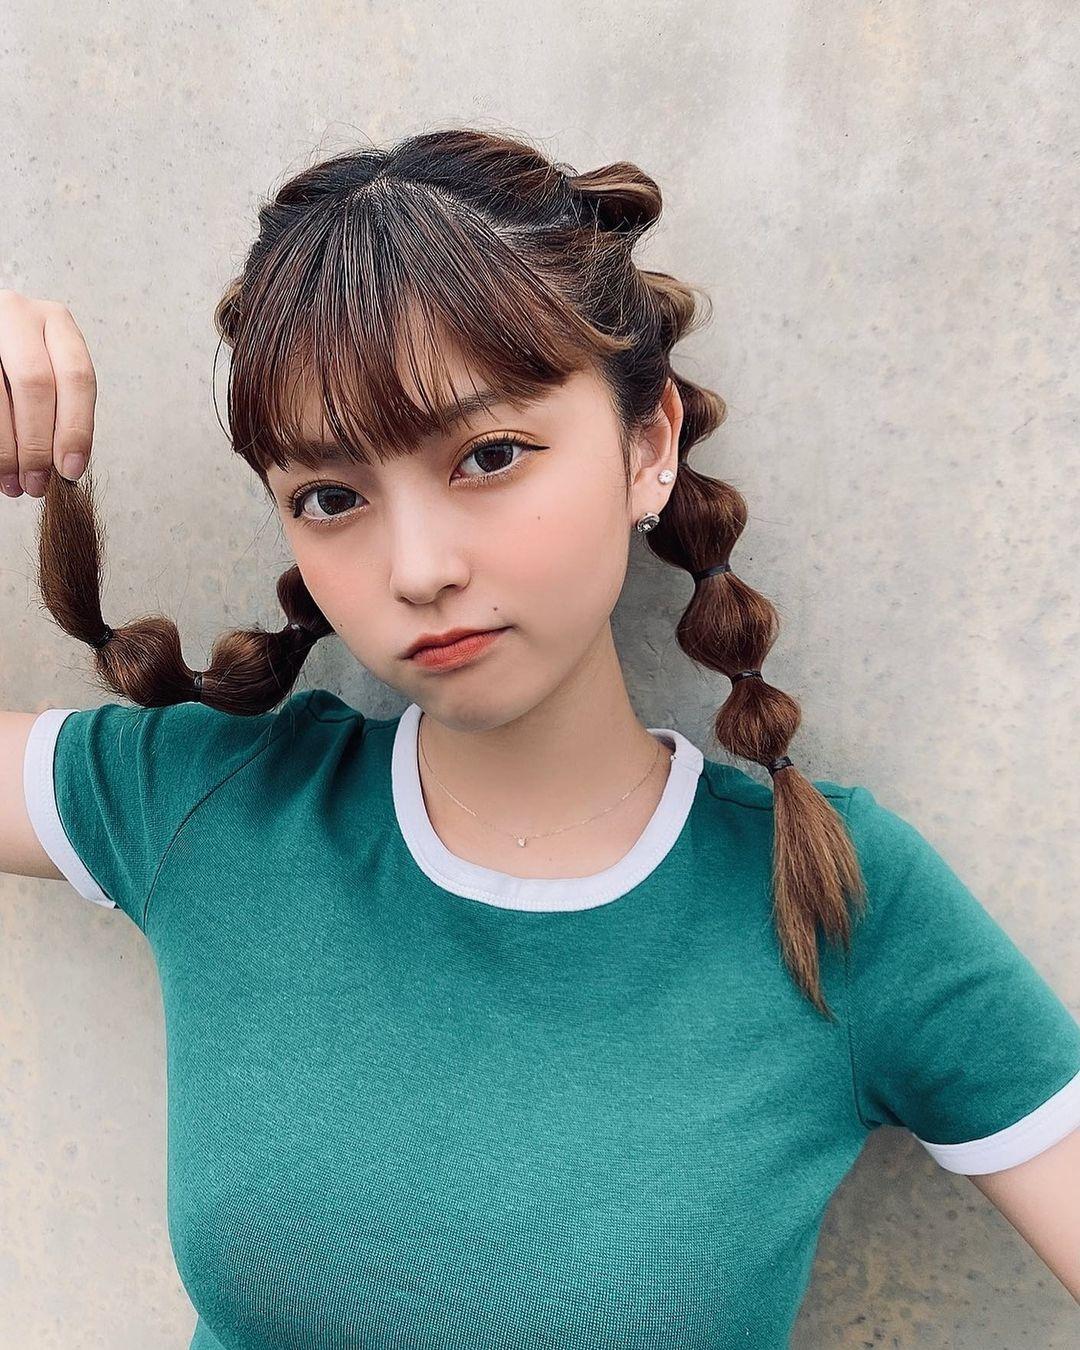 今年刚高中毕业 18 岁美少女樱井音乃身材整个无敌 网络美女 第30张